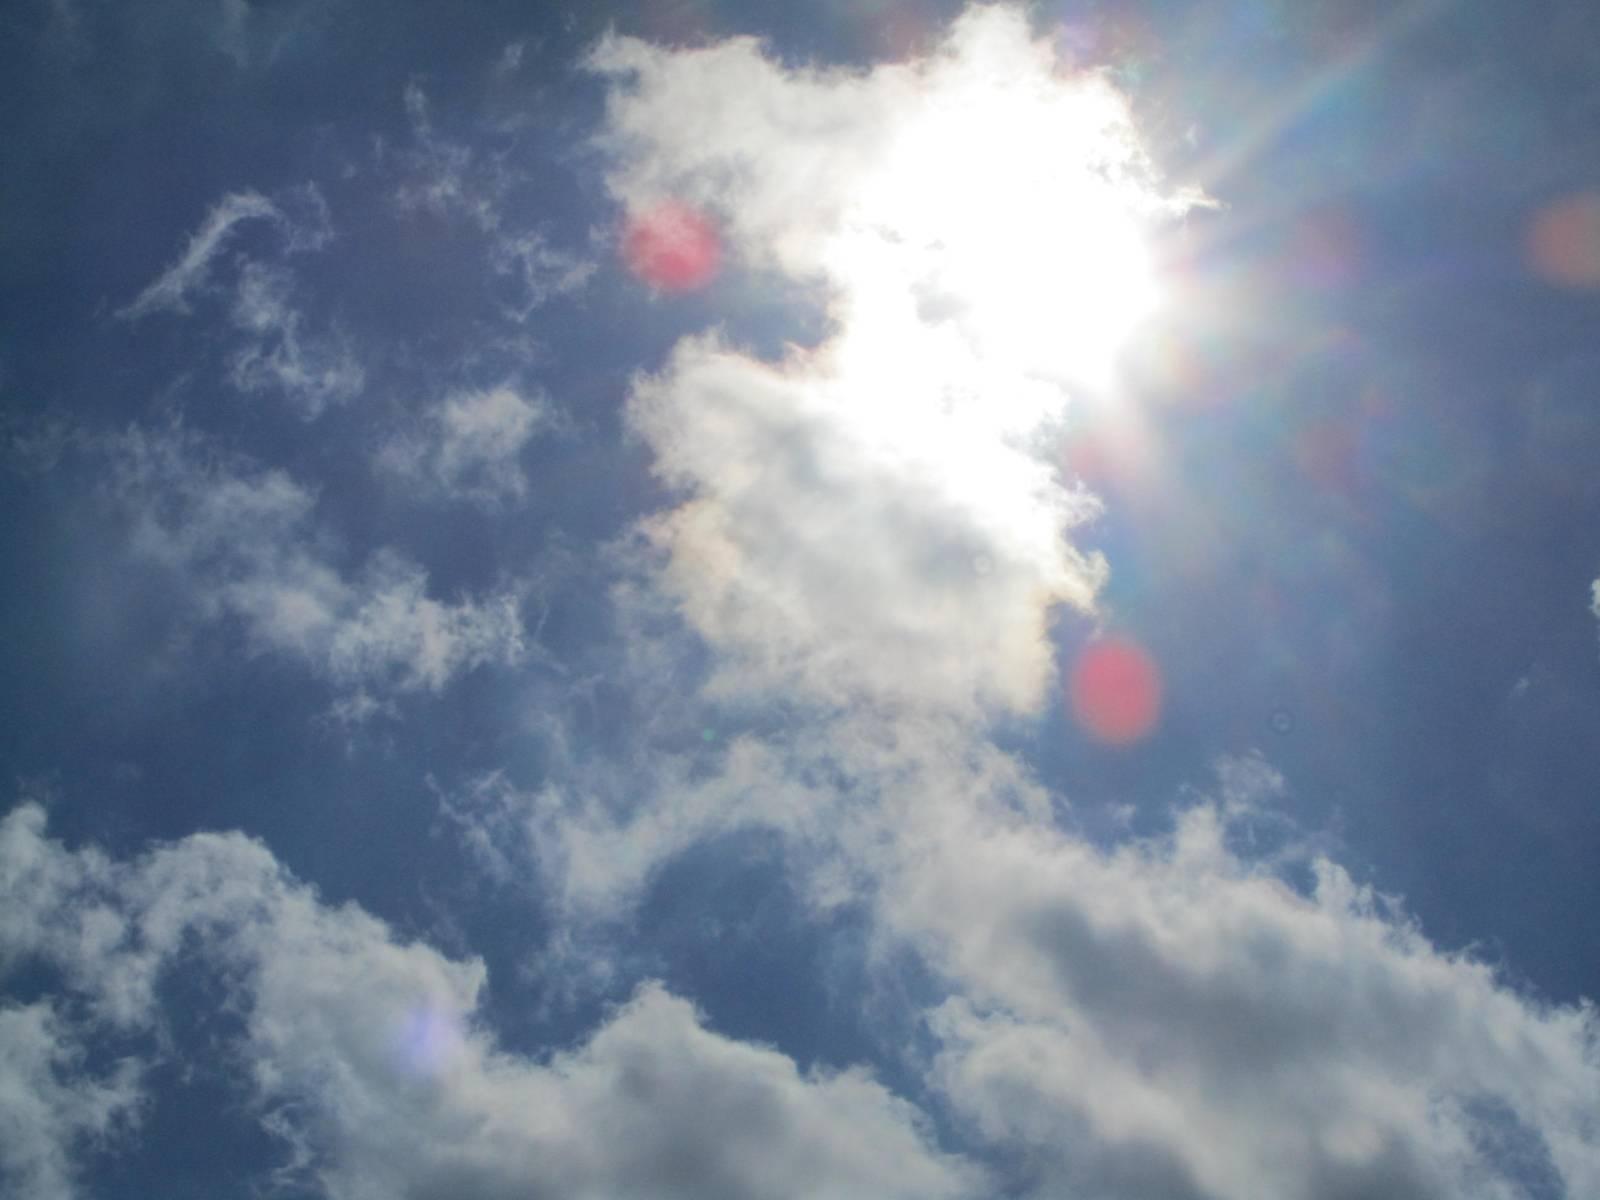 Blick in den Himmel. Vor die Sonne haben sich ein paar weiße Wolken geschoben.